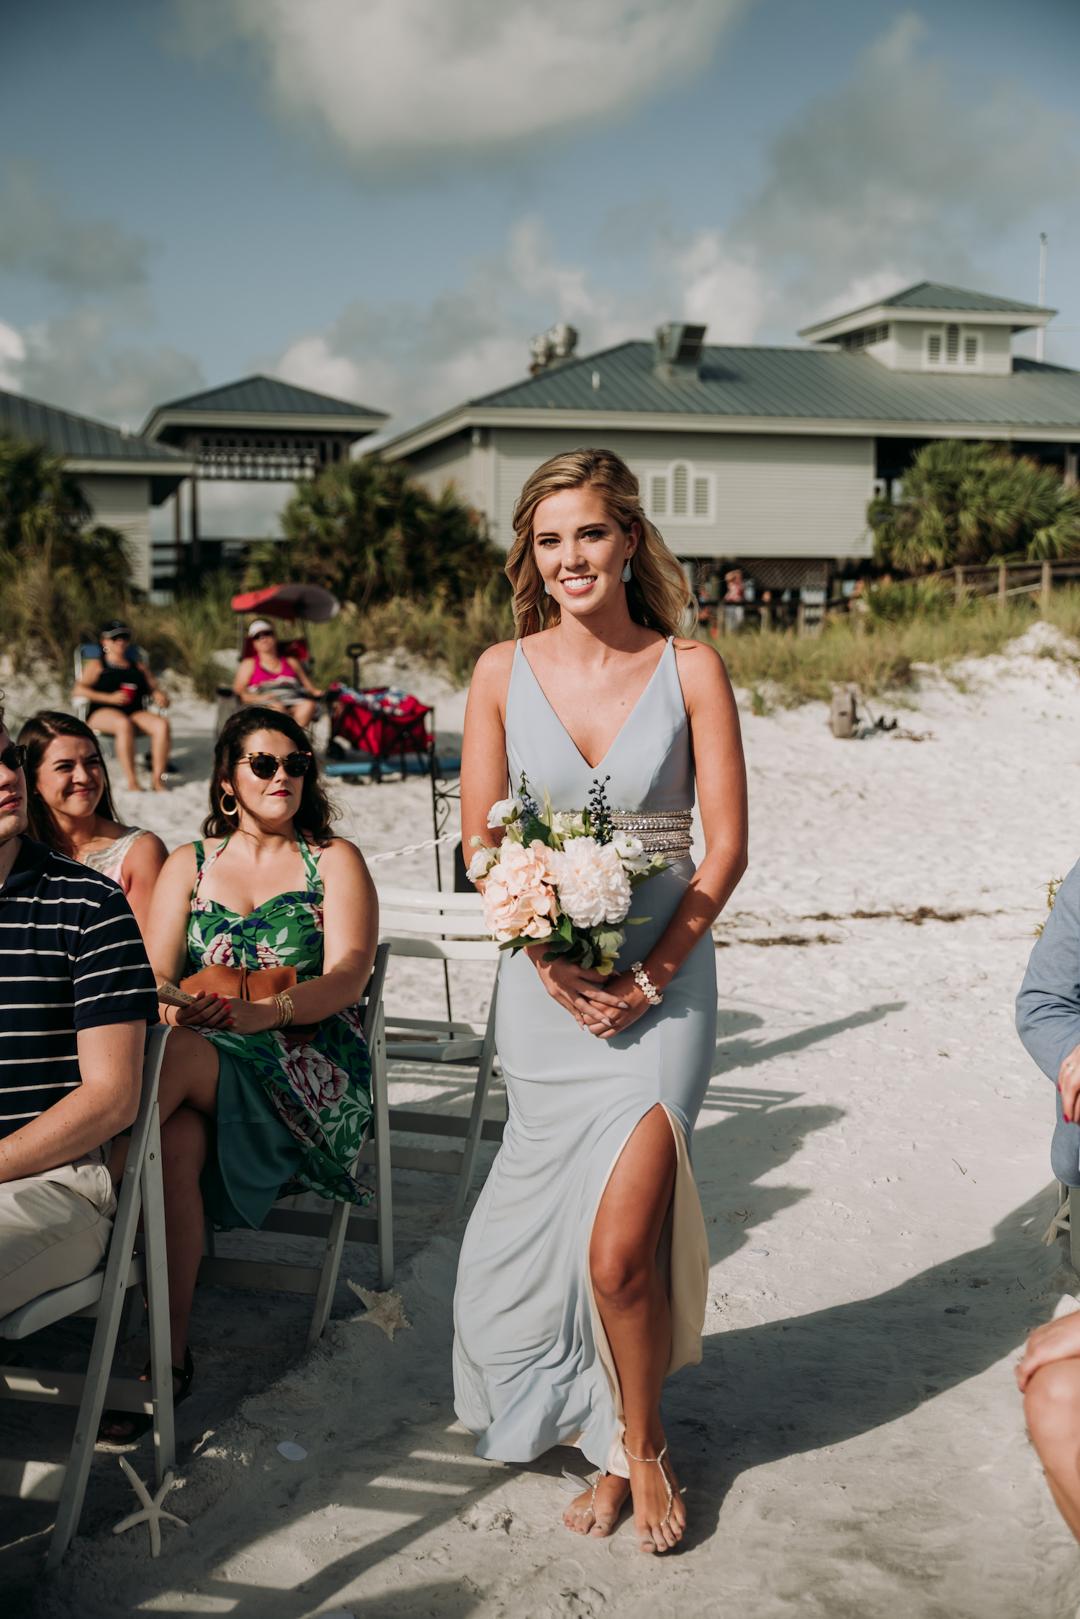 honeymoon-island-wedding-anastasia-noel-84.jpg